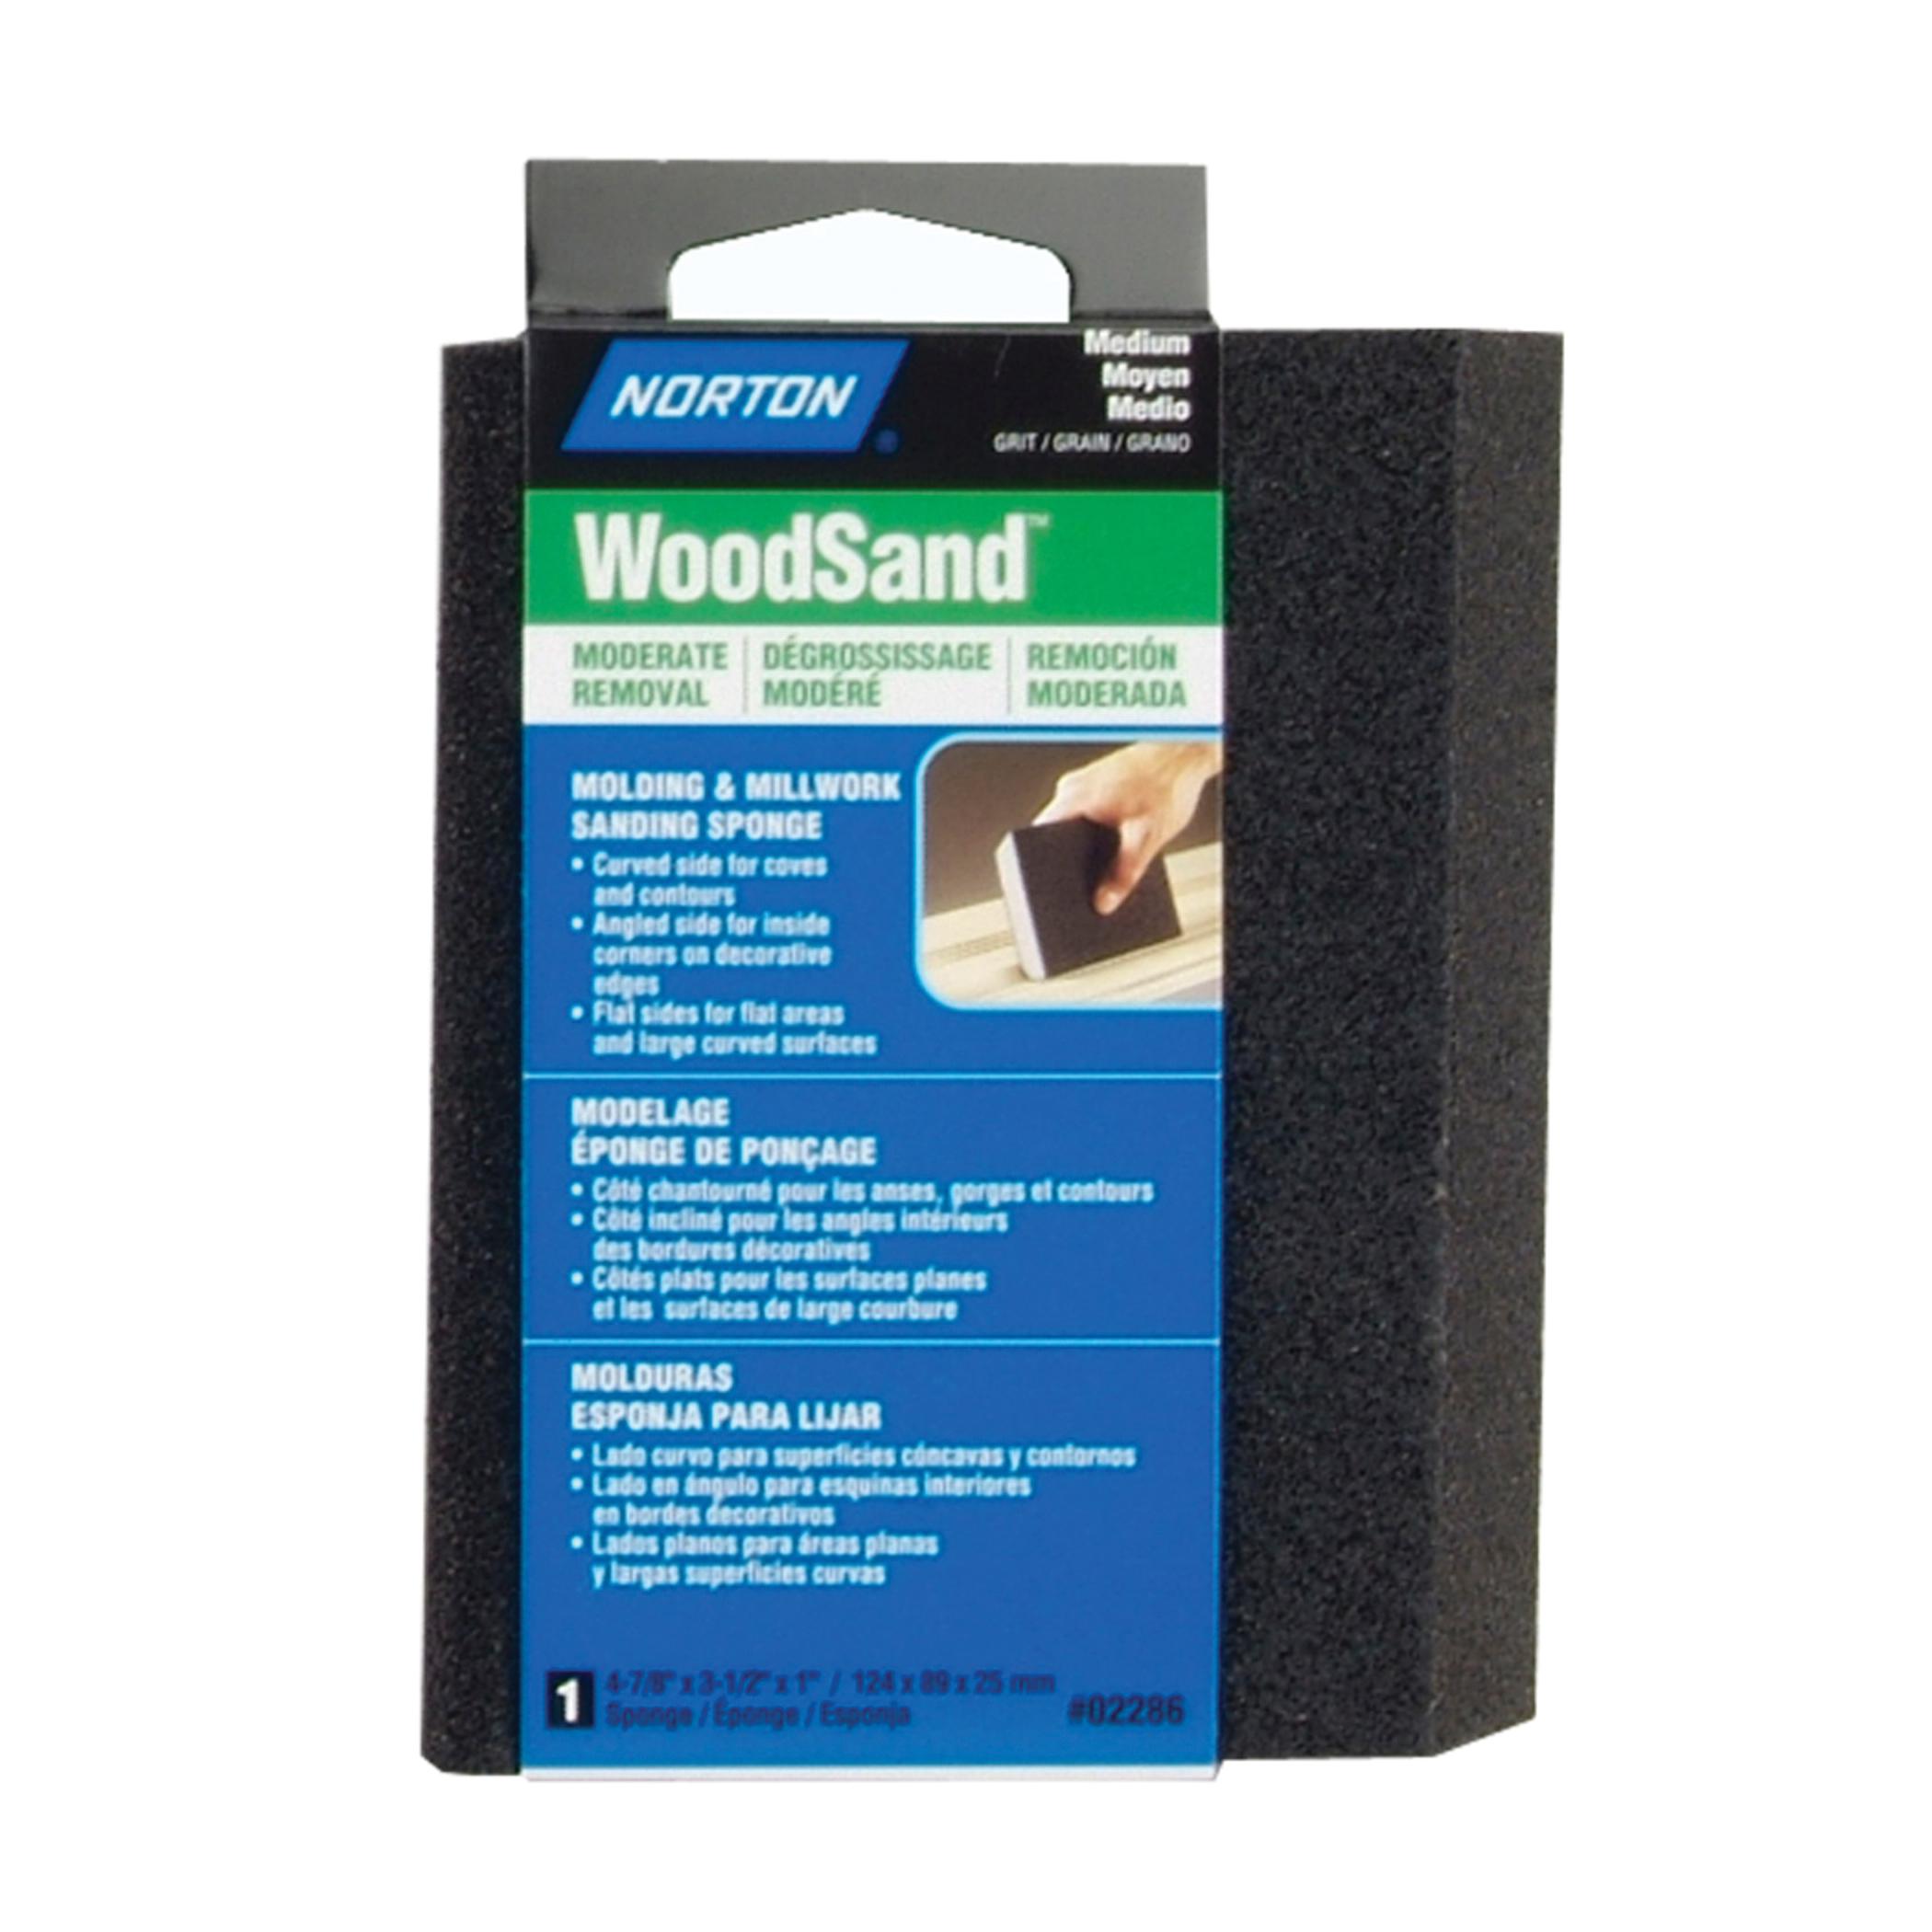 Norton® WoodSand™ 07660702286 Angled Sanding Sponge, 4-7/8 in L x 3-1/2 in W x 1 in THK, 80 Grit, Medium Grade